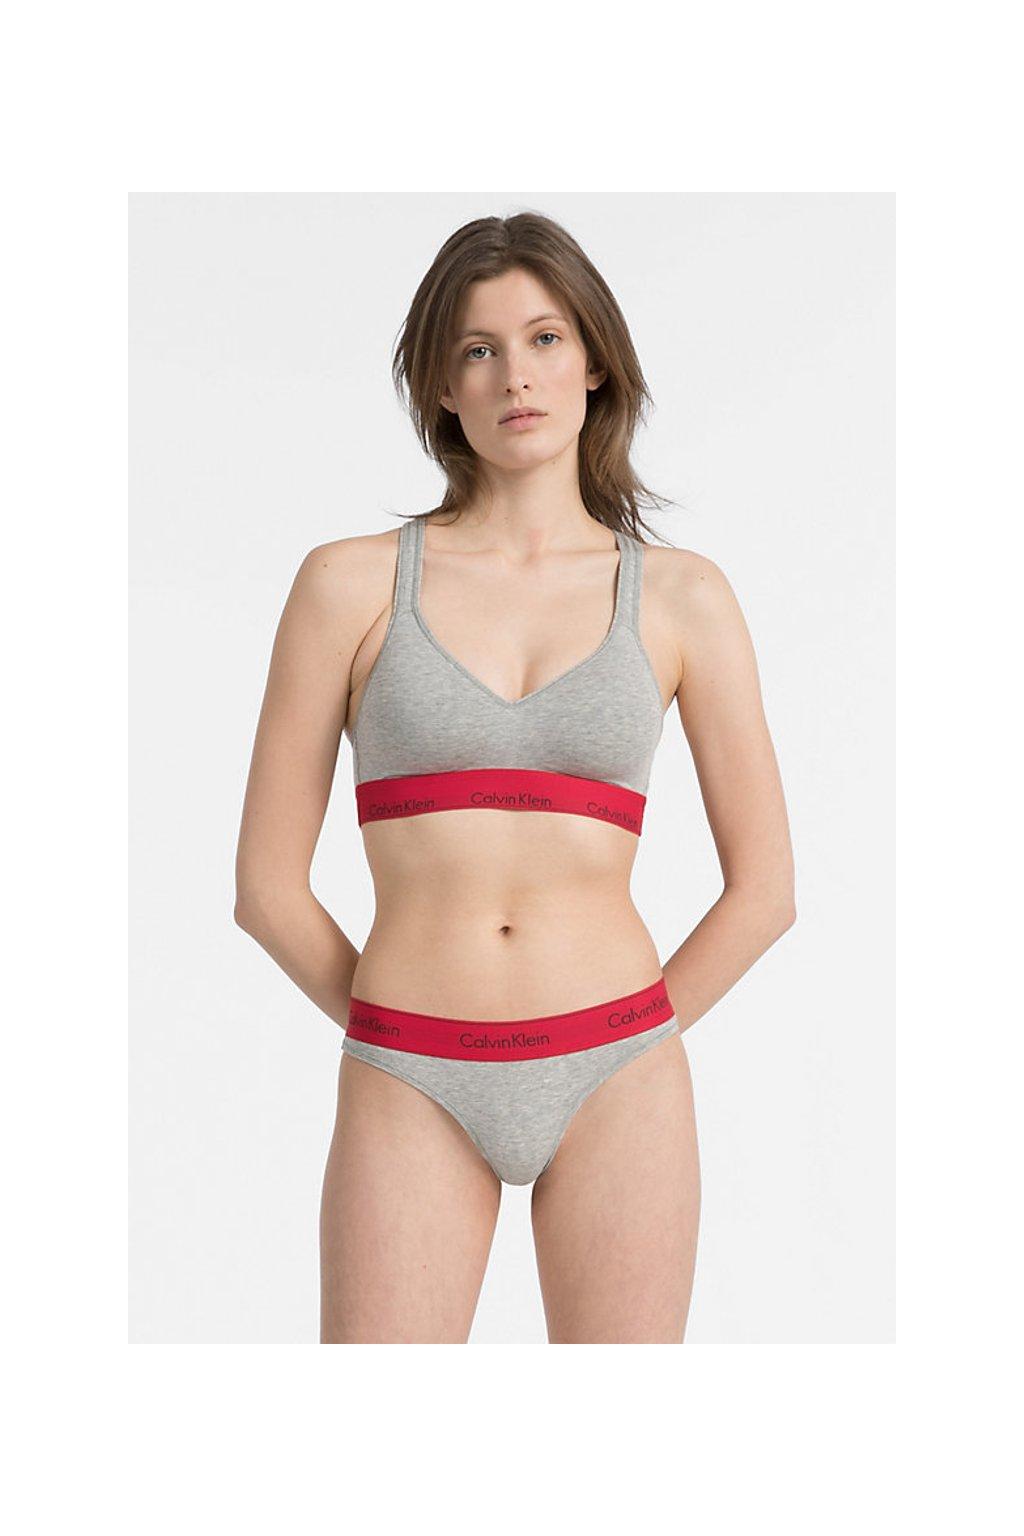 Calvin Klein Modern Cotton Bralette Lift - grey heather/ red manic